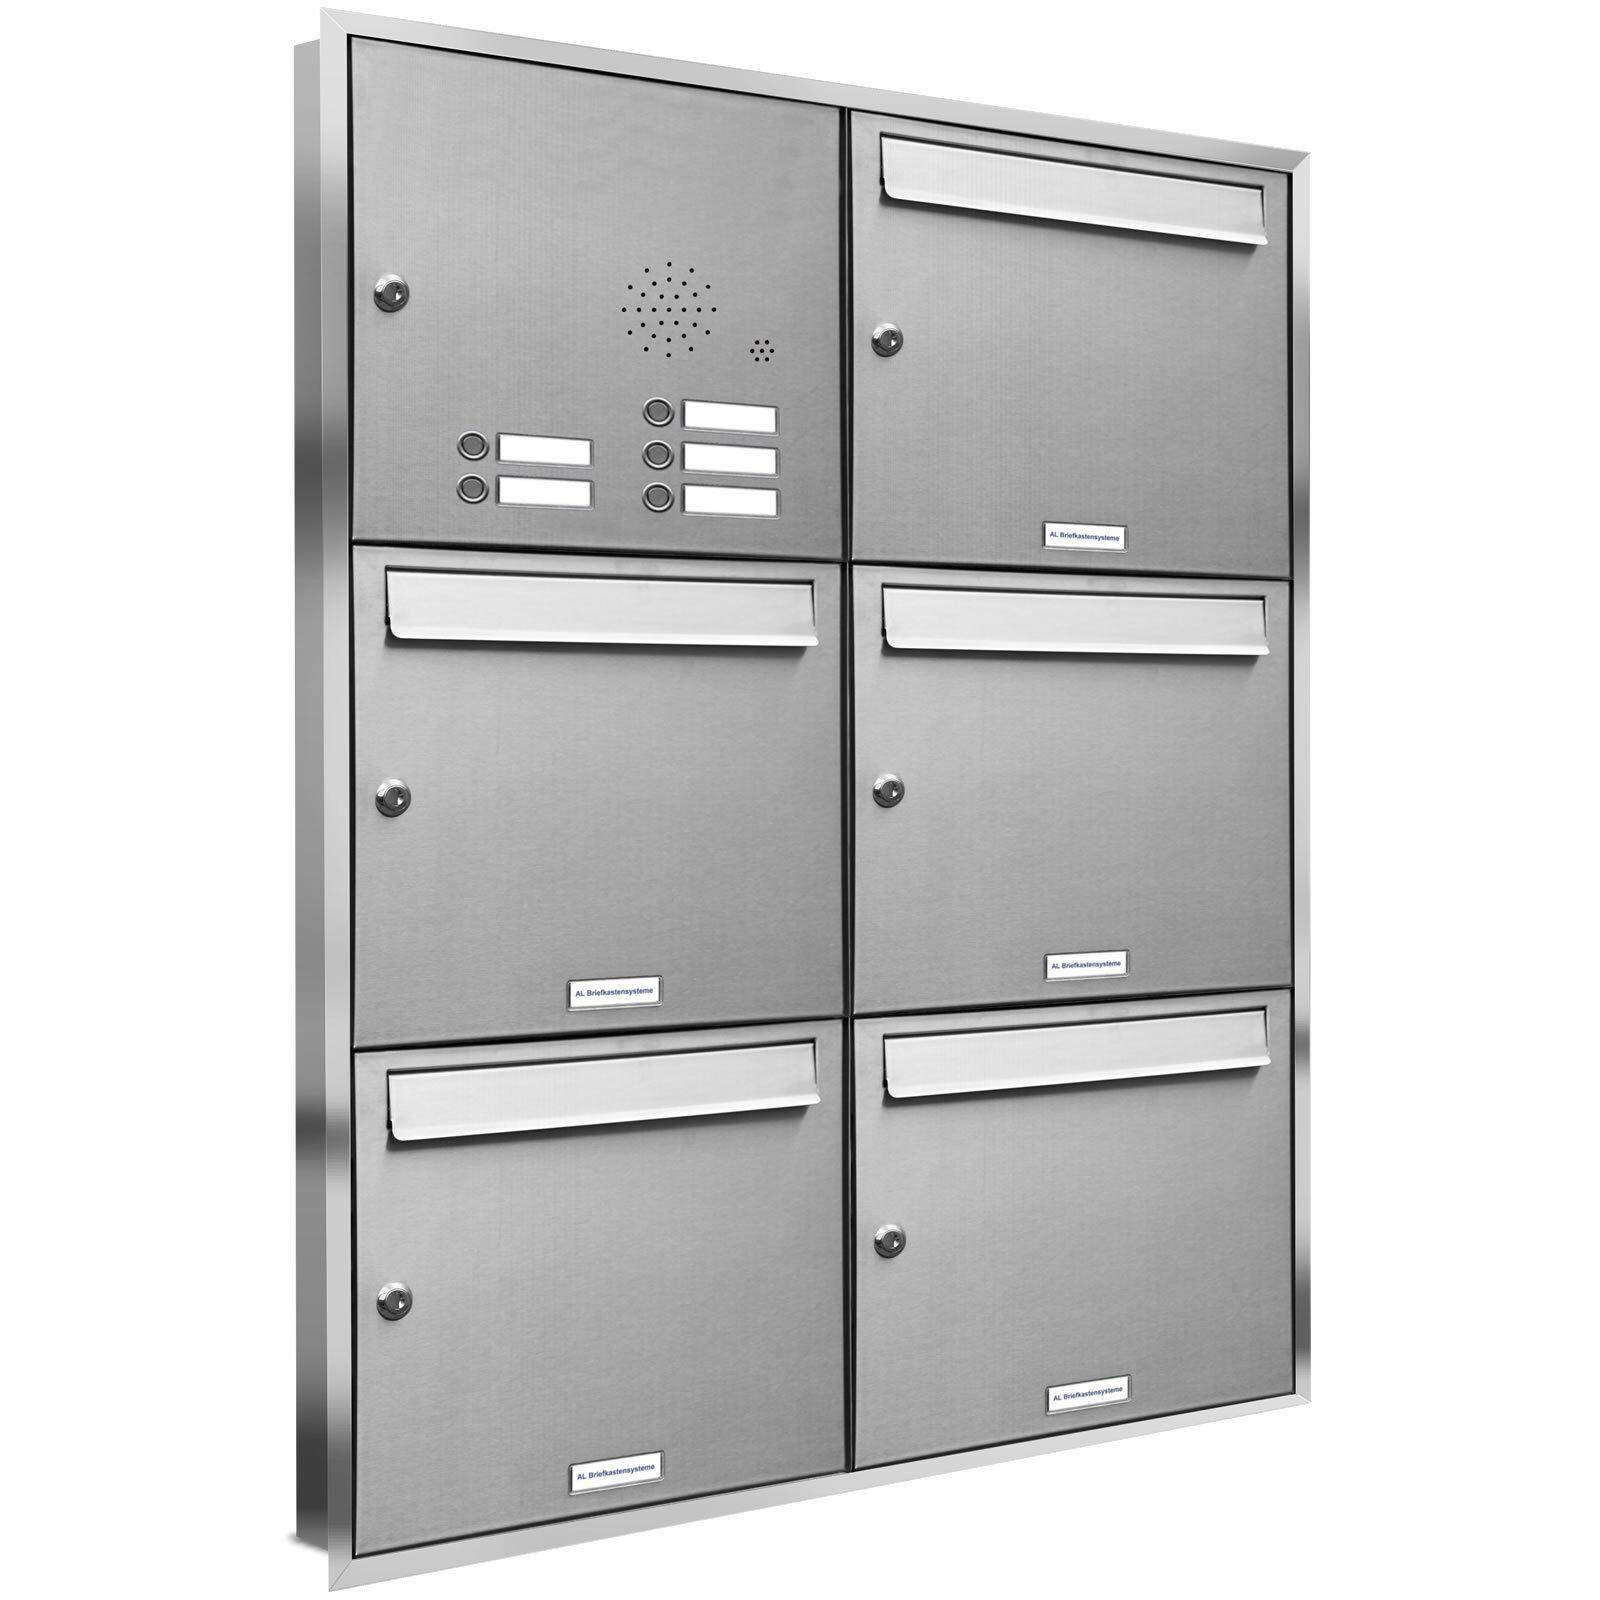 5 er Premium Edelstahl Unterputz Briefkasten Anlage Klingel Postkasten A4 3x2